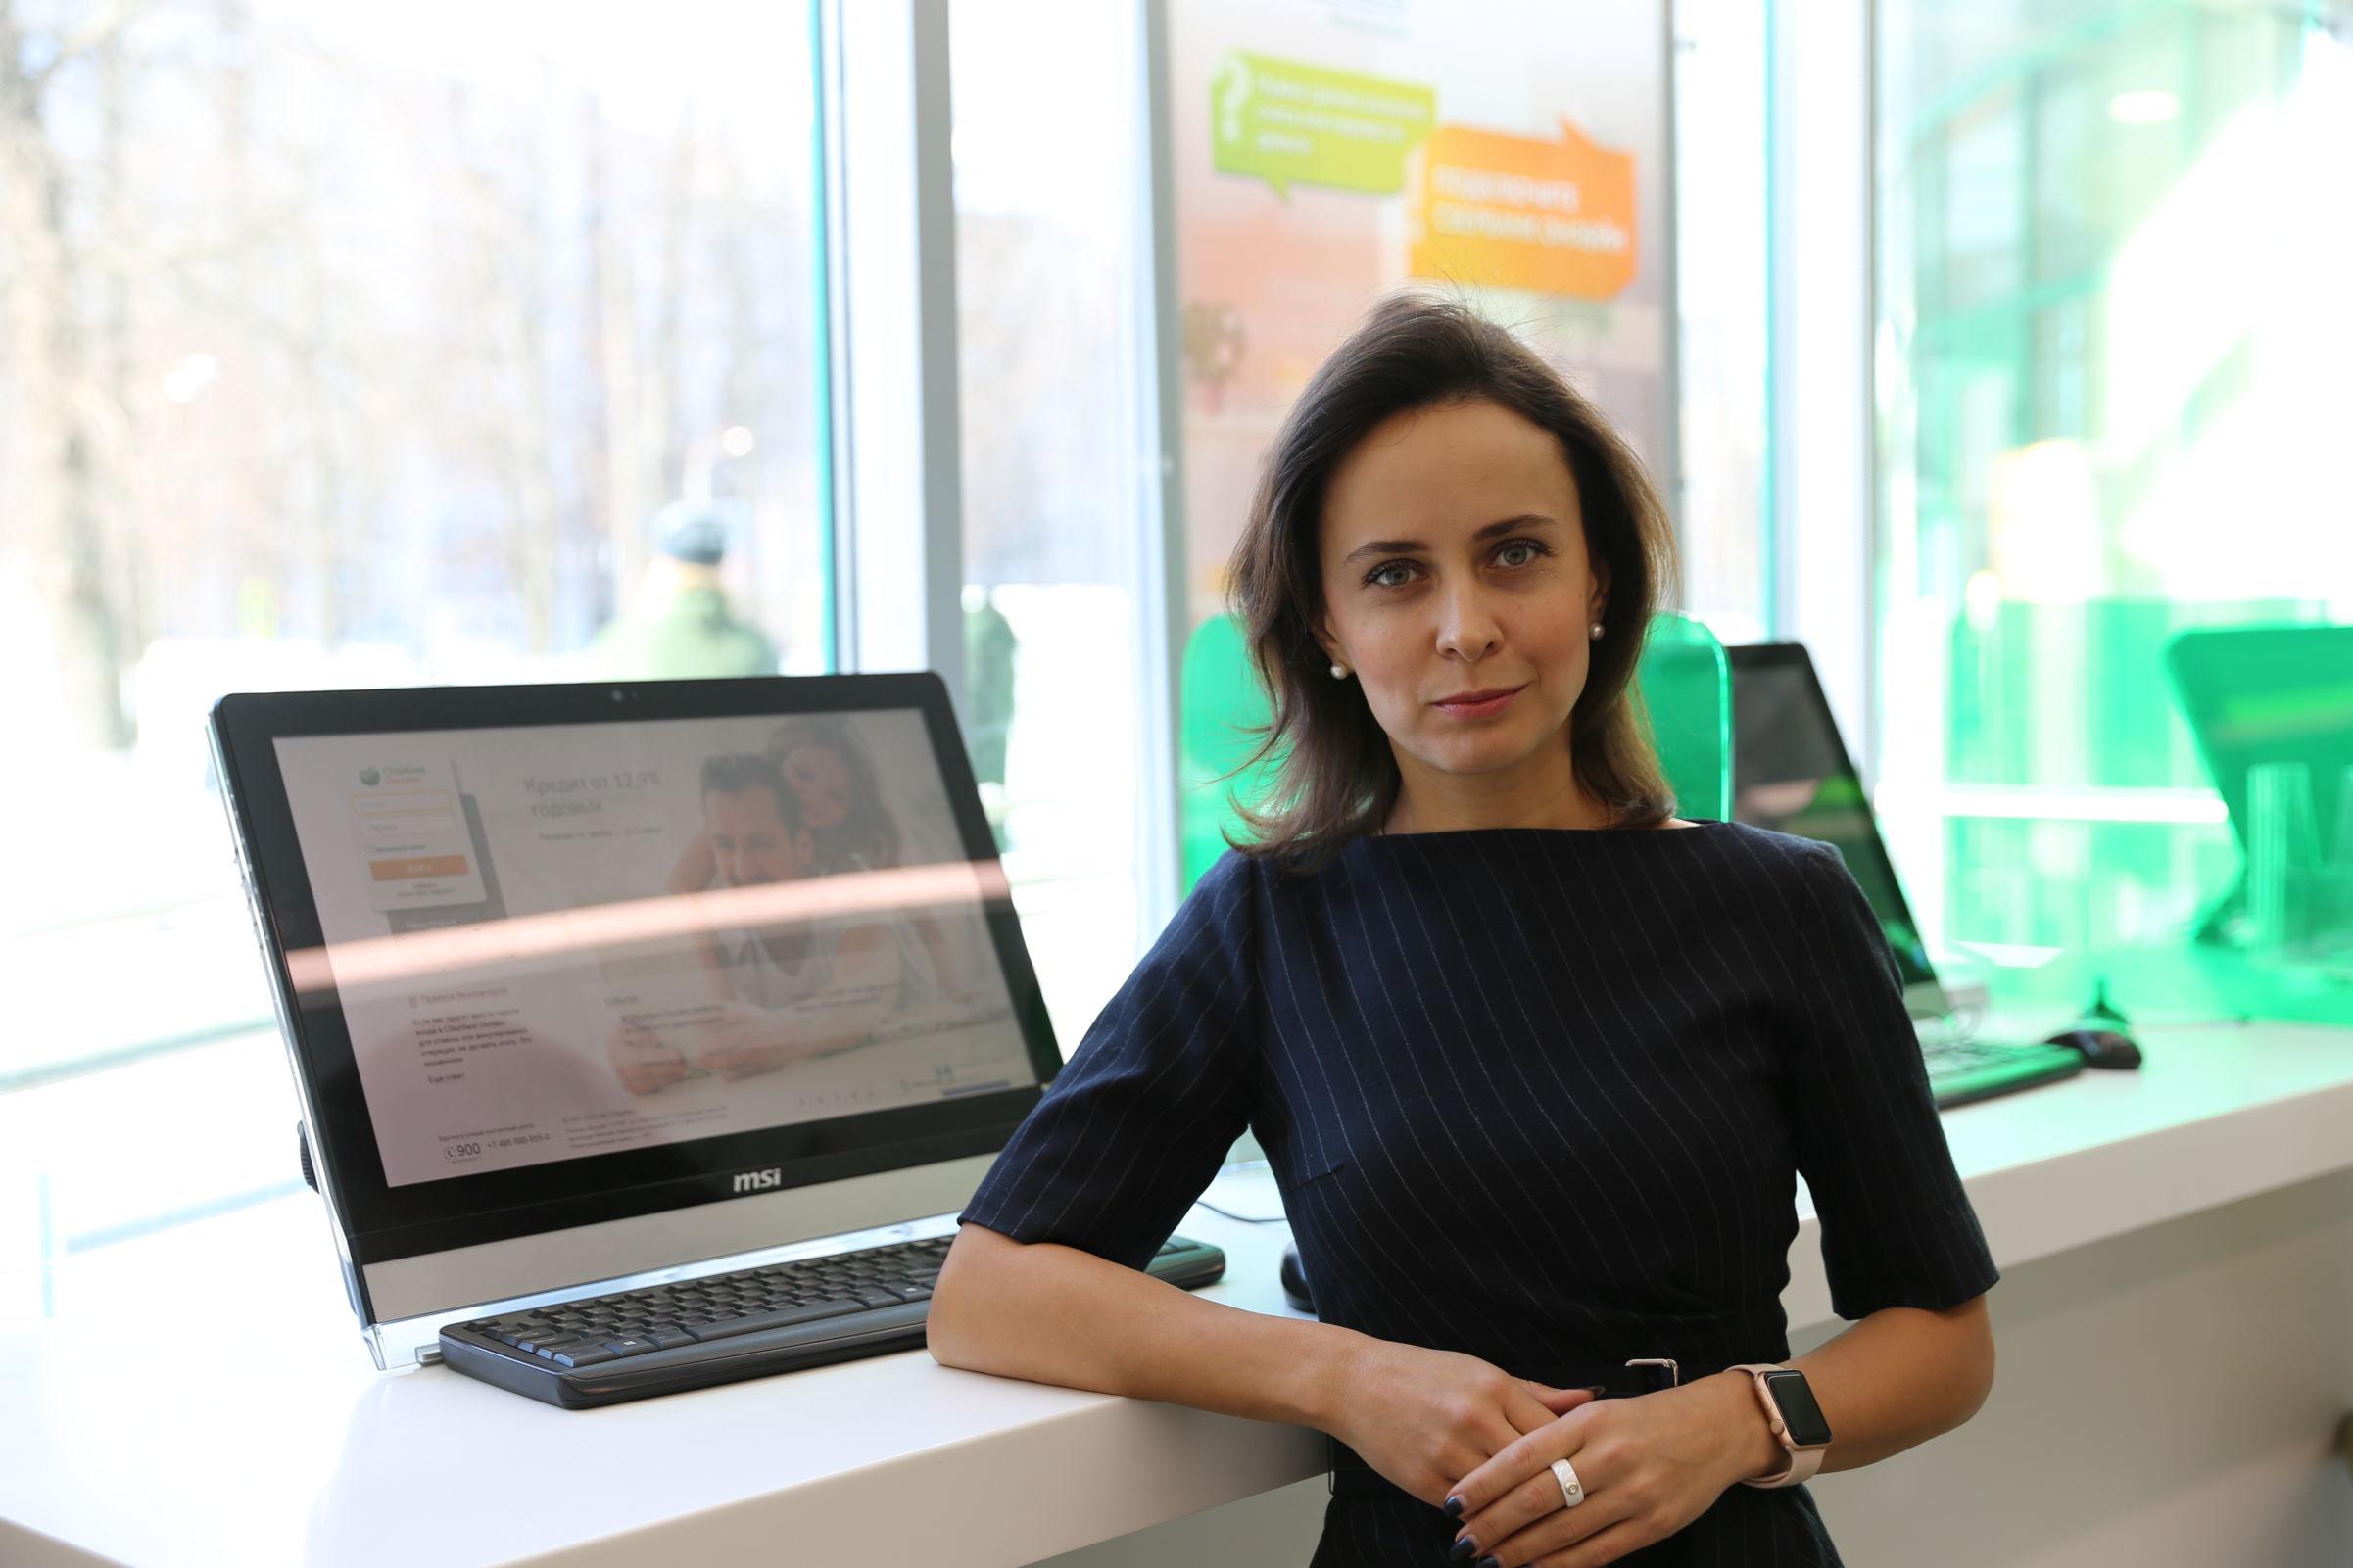 Ярославцам рассказали, можно ли оформить ипотеку и сделку онлайн